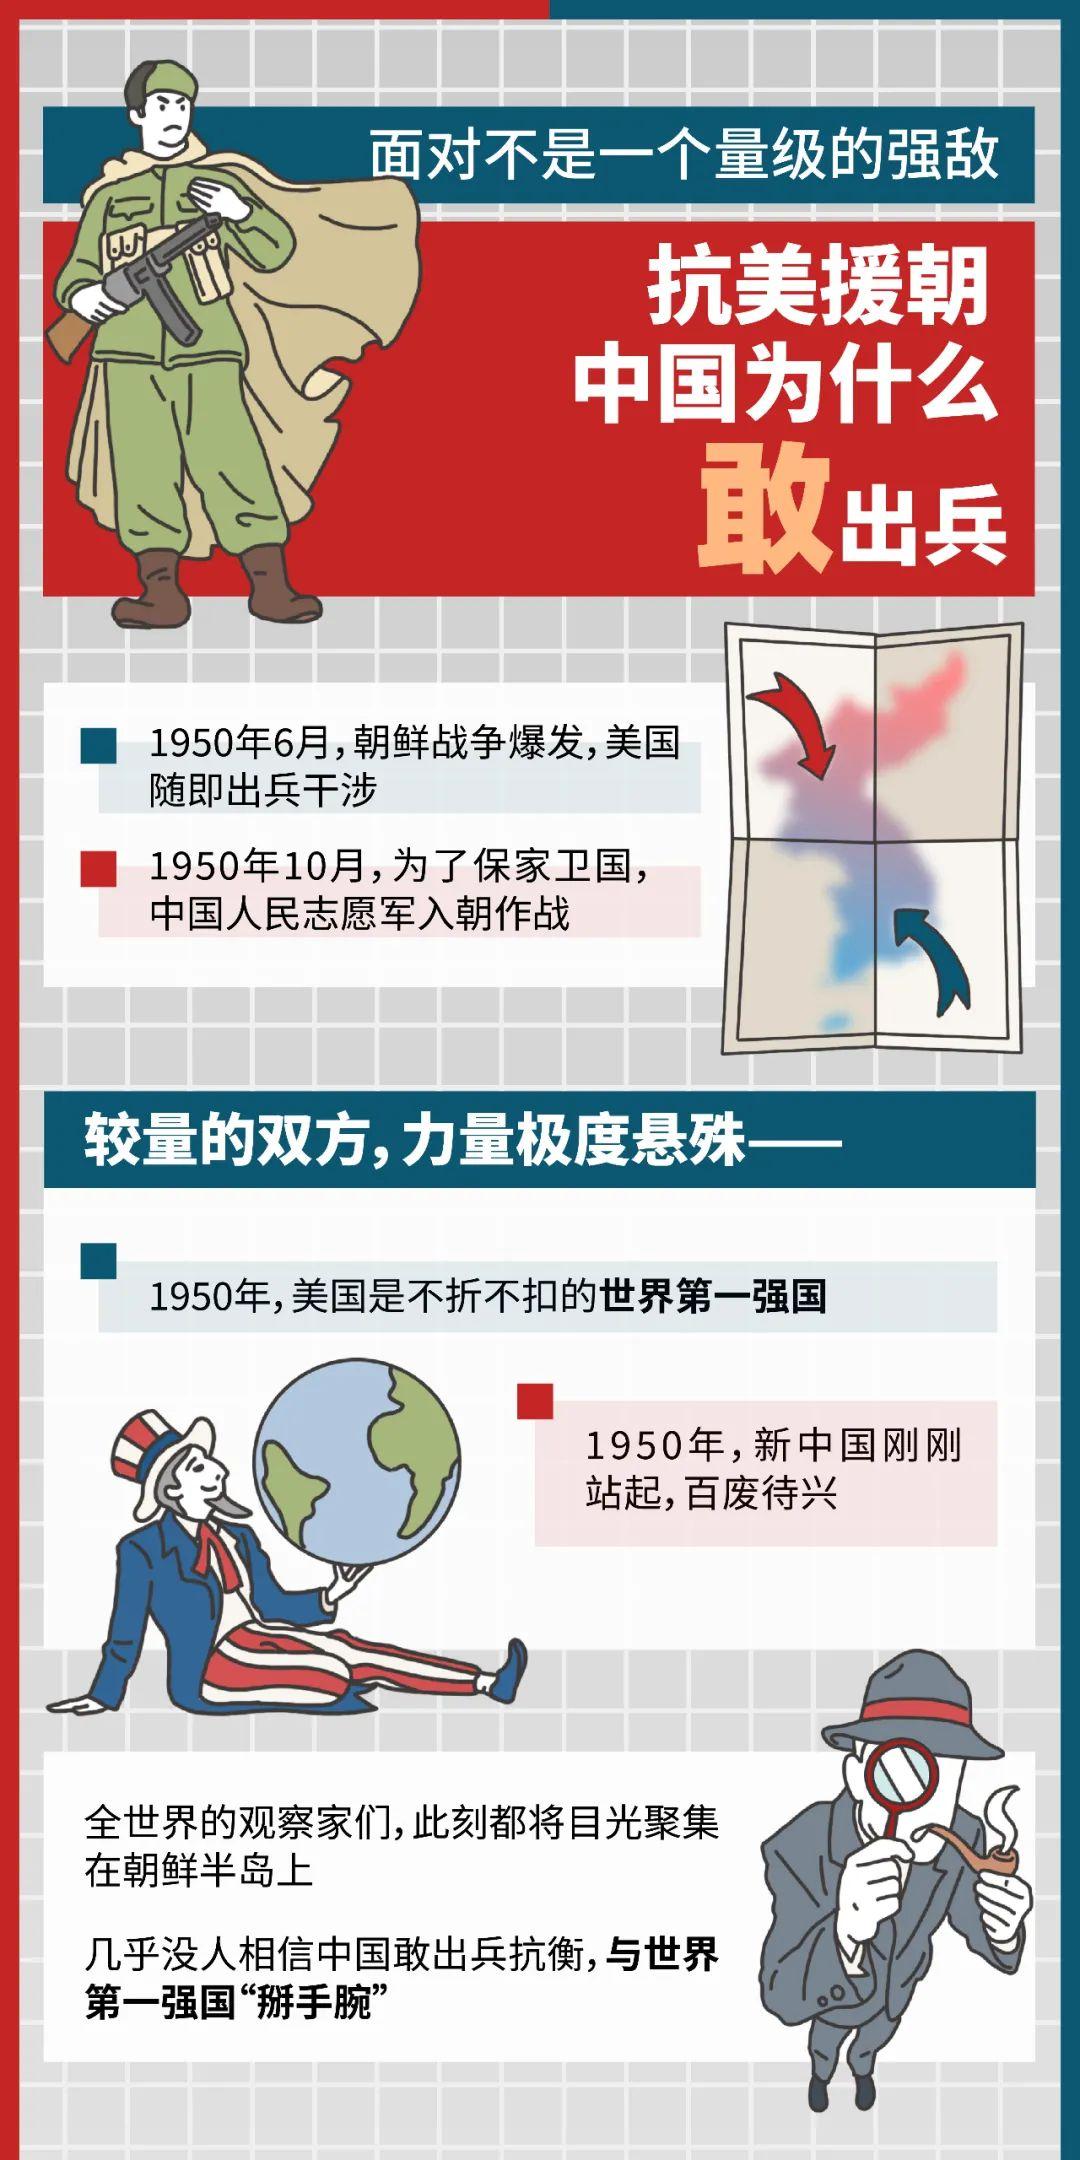 抗美援朝,中美力量悬殊,中国为什么敢出兵?